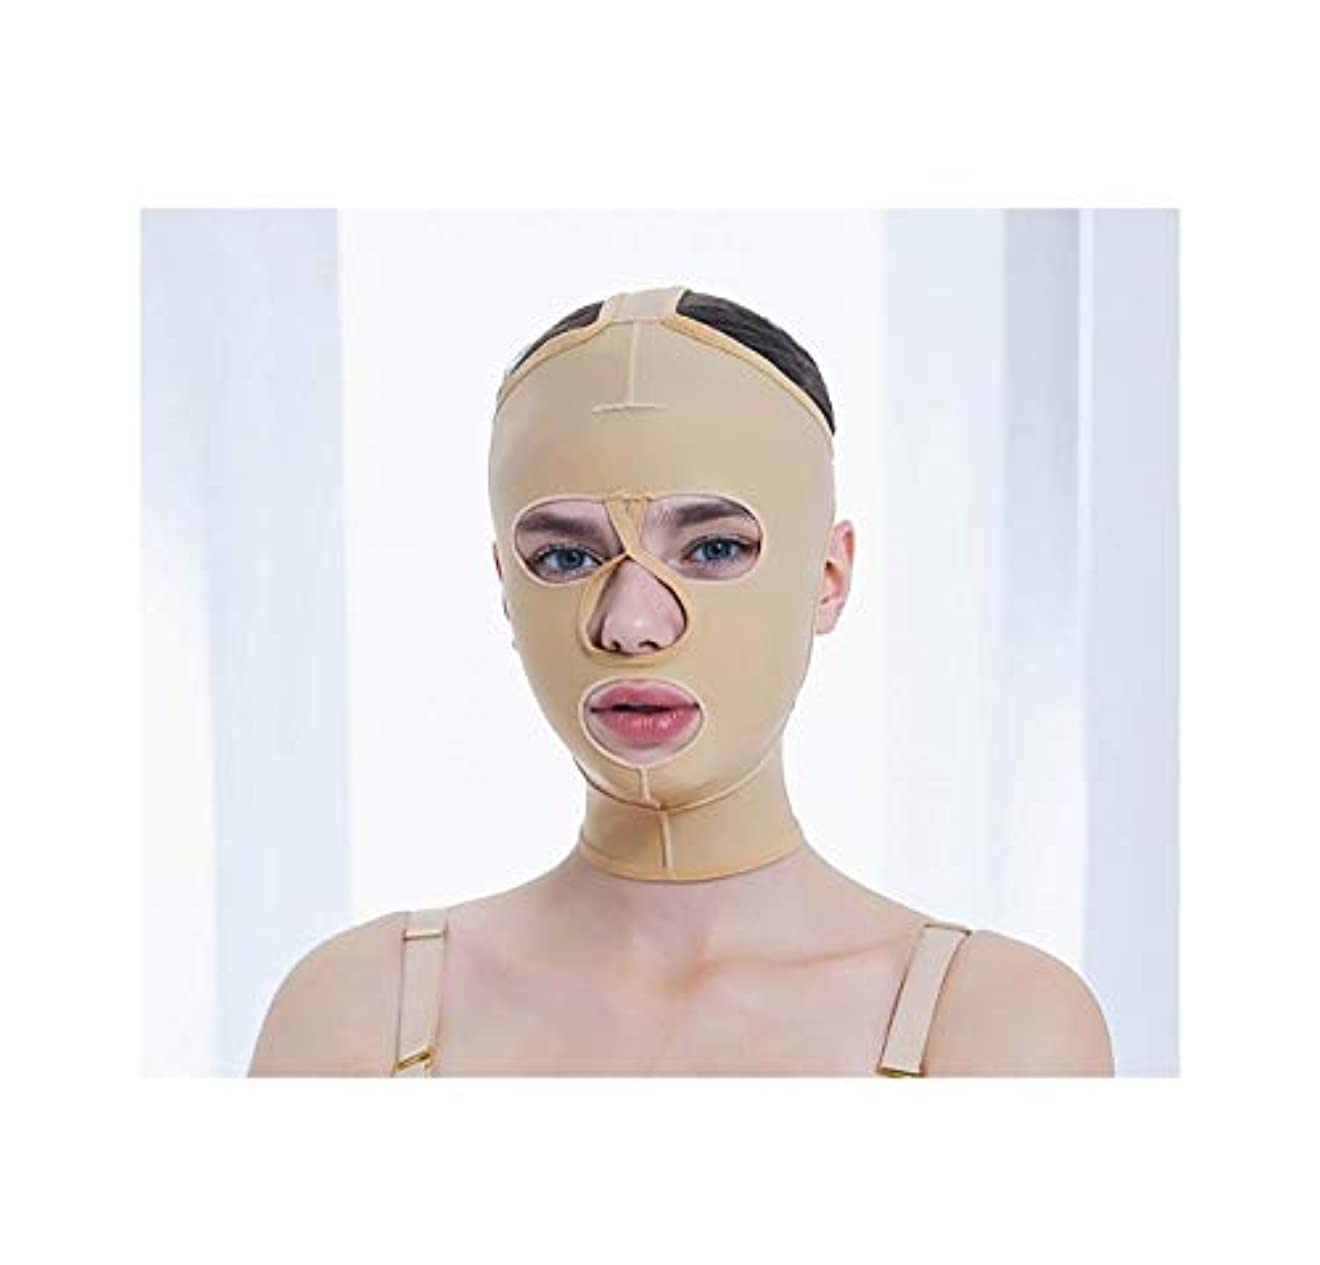 自動煙突候補者フェイスアンドネックリフト、減量フェイスマスク脂肪吸引術脂肪吸引術シェーピングマスクフードフェイスリフティングアーティファクトVフェイスビームフェイス弾性スリーブ(サイズ:S)